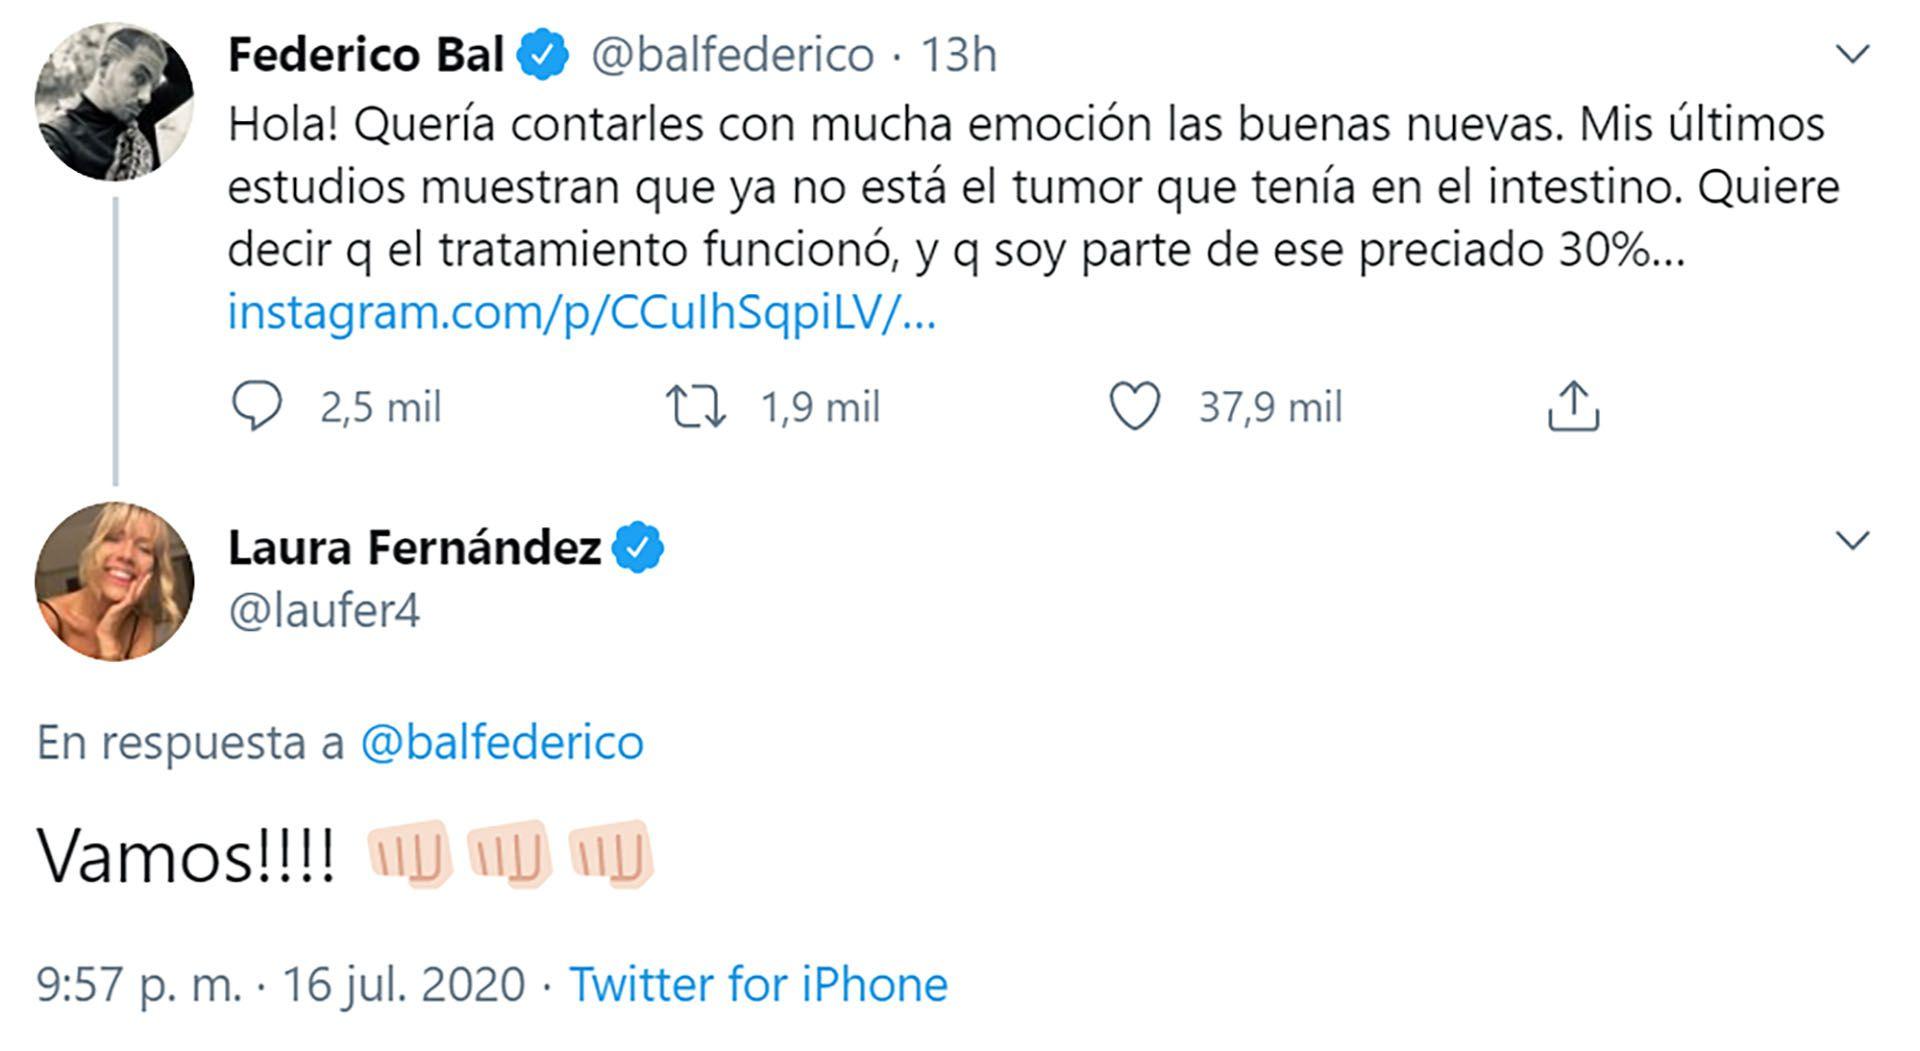 Mensaje de Laurita Fernandez a Fede Bal